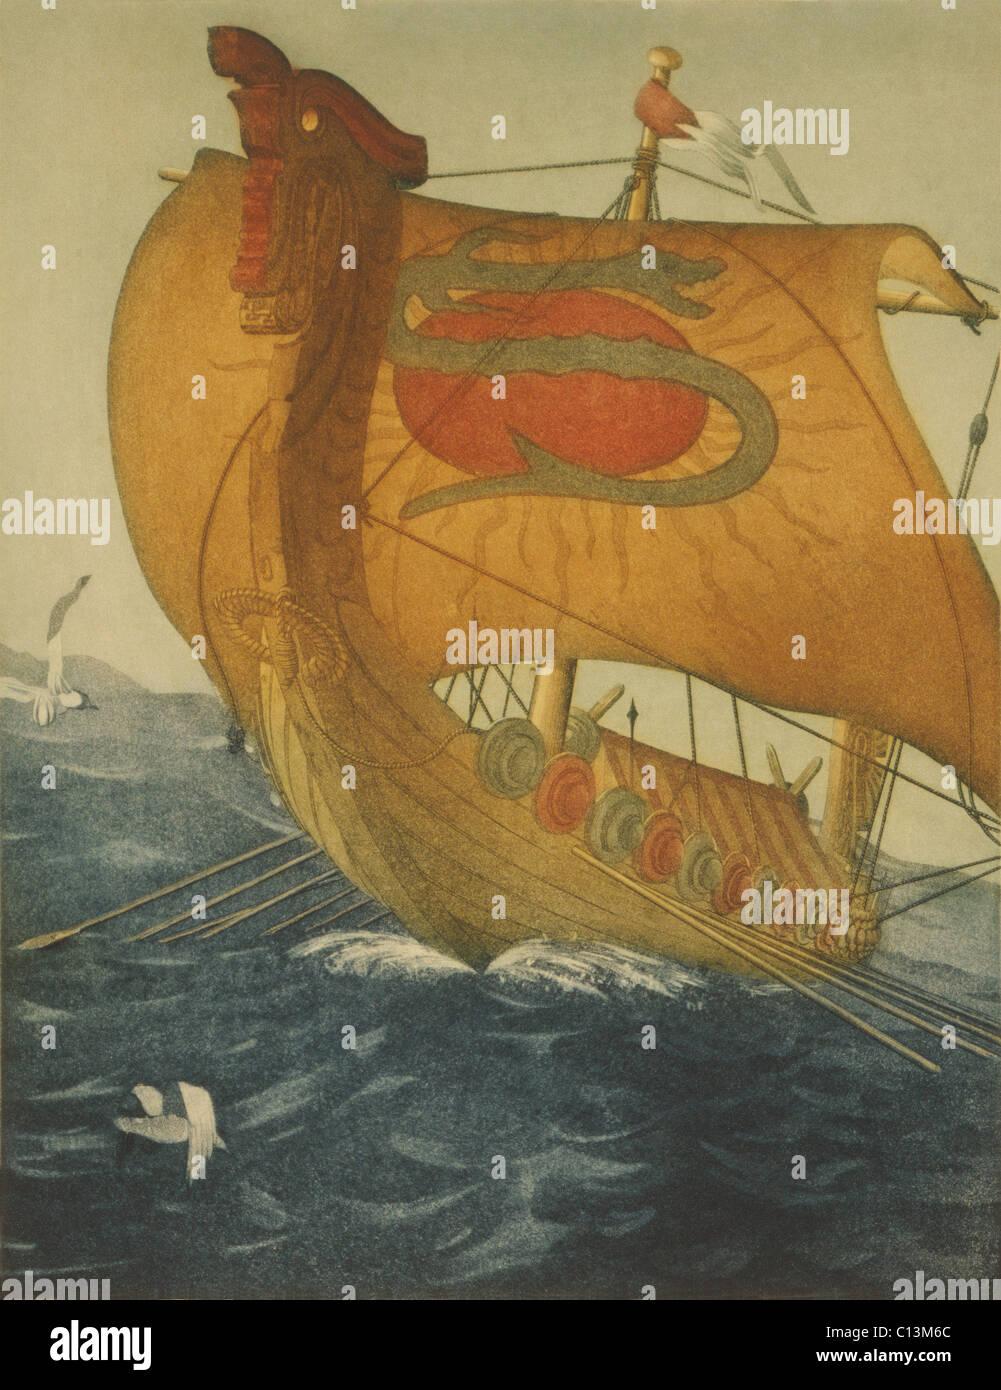 the dragon ship viking ship at sea etching by john taylor arms